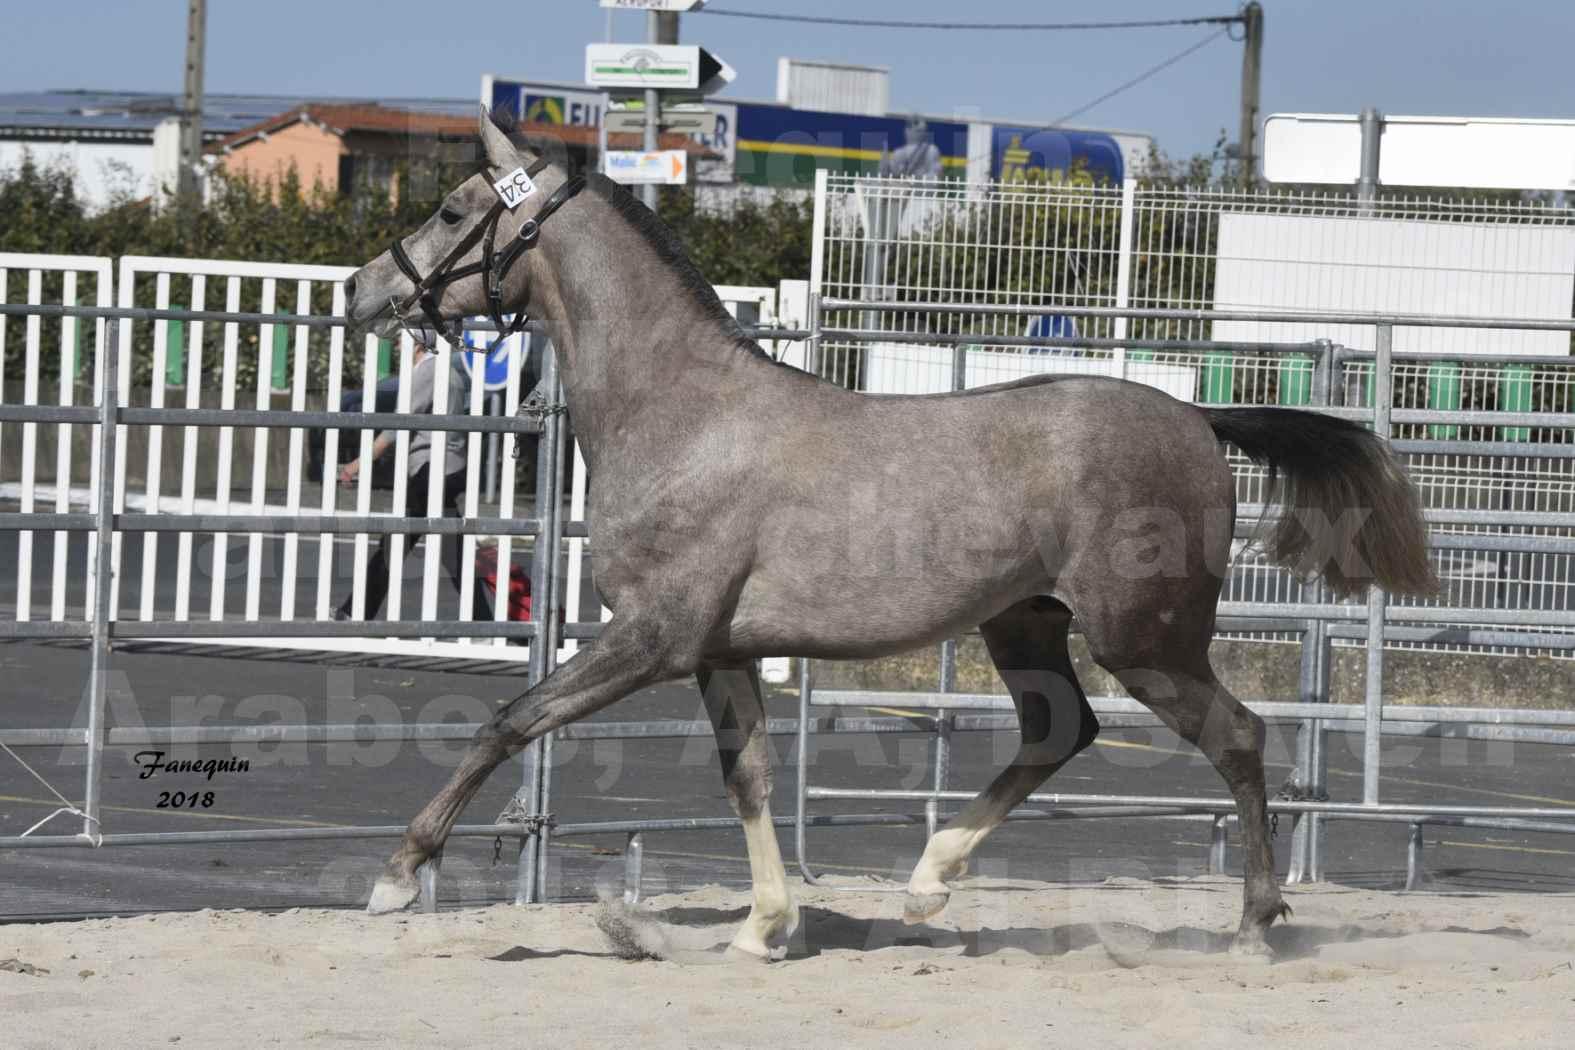 Concours d'élevage de Chevaux Arabes - D. S. A. - A. A. - ALBI les 6 & 7 Avril 2018 - GRIMM DE DARRA - Notre Sélection - 6